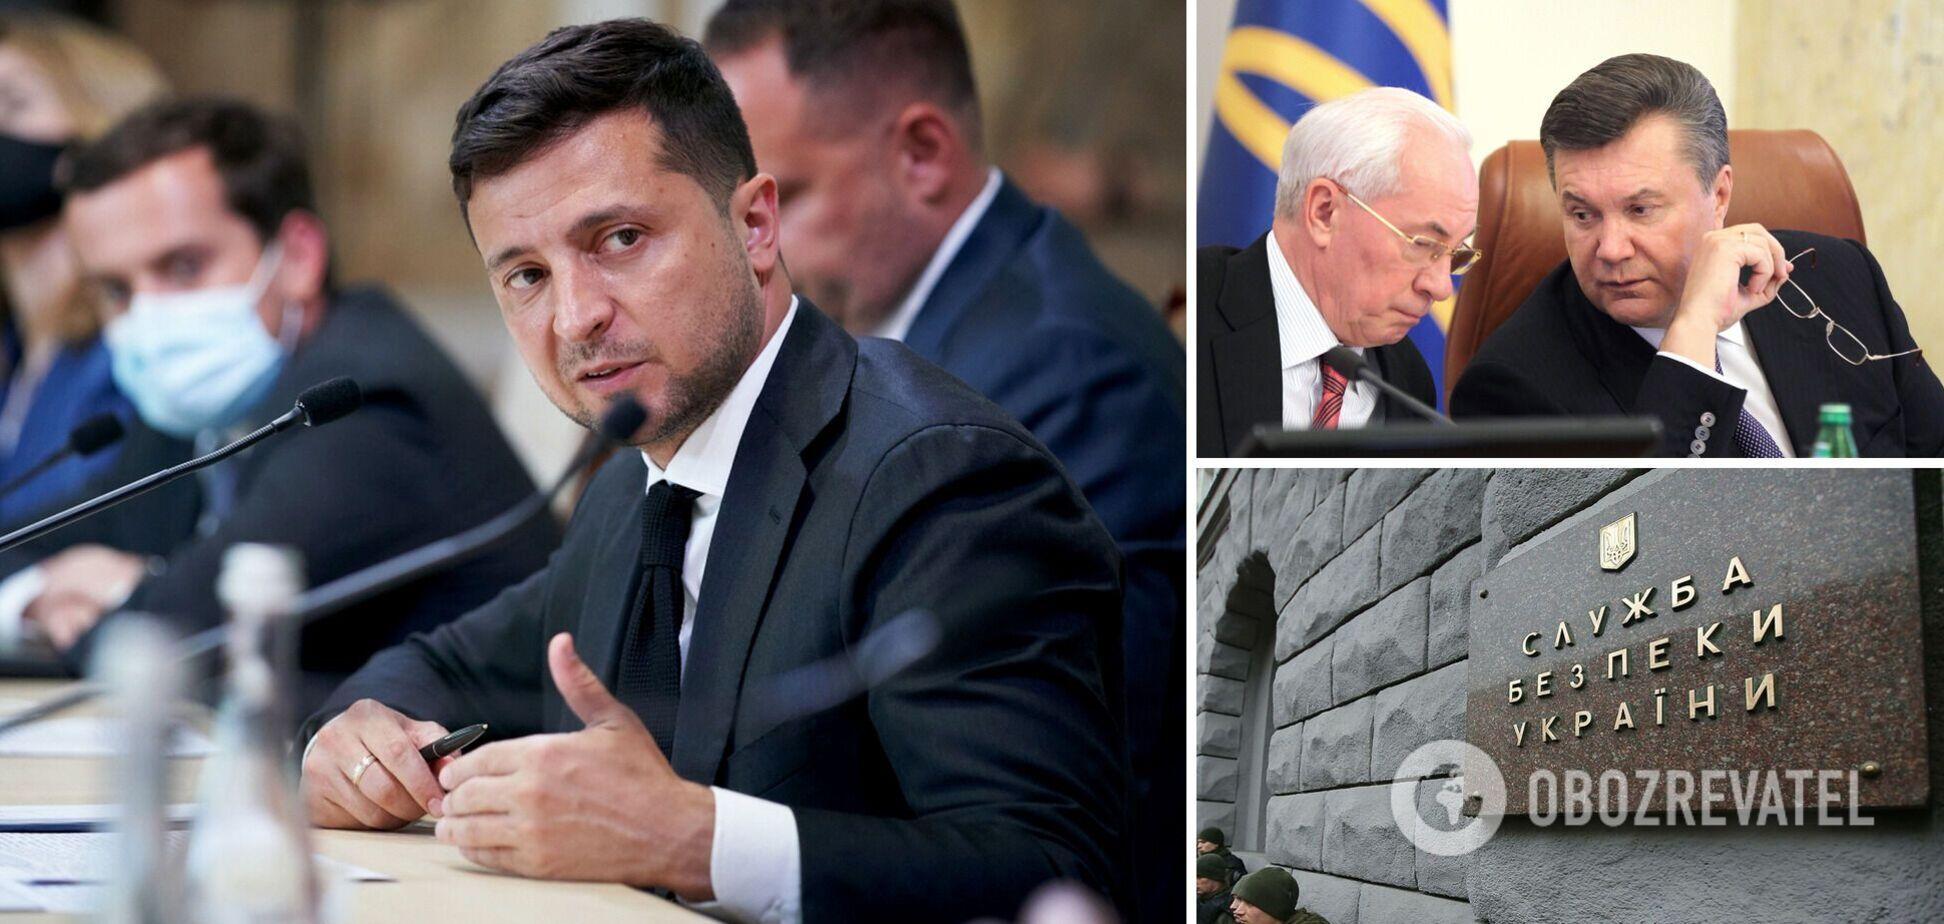 СНБО ввел новые санкции против 19 компаний и 27 экс-чиновников: все подробности заседания